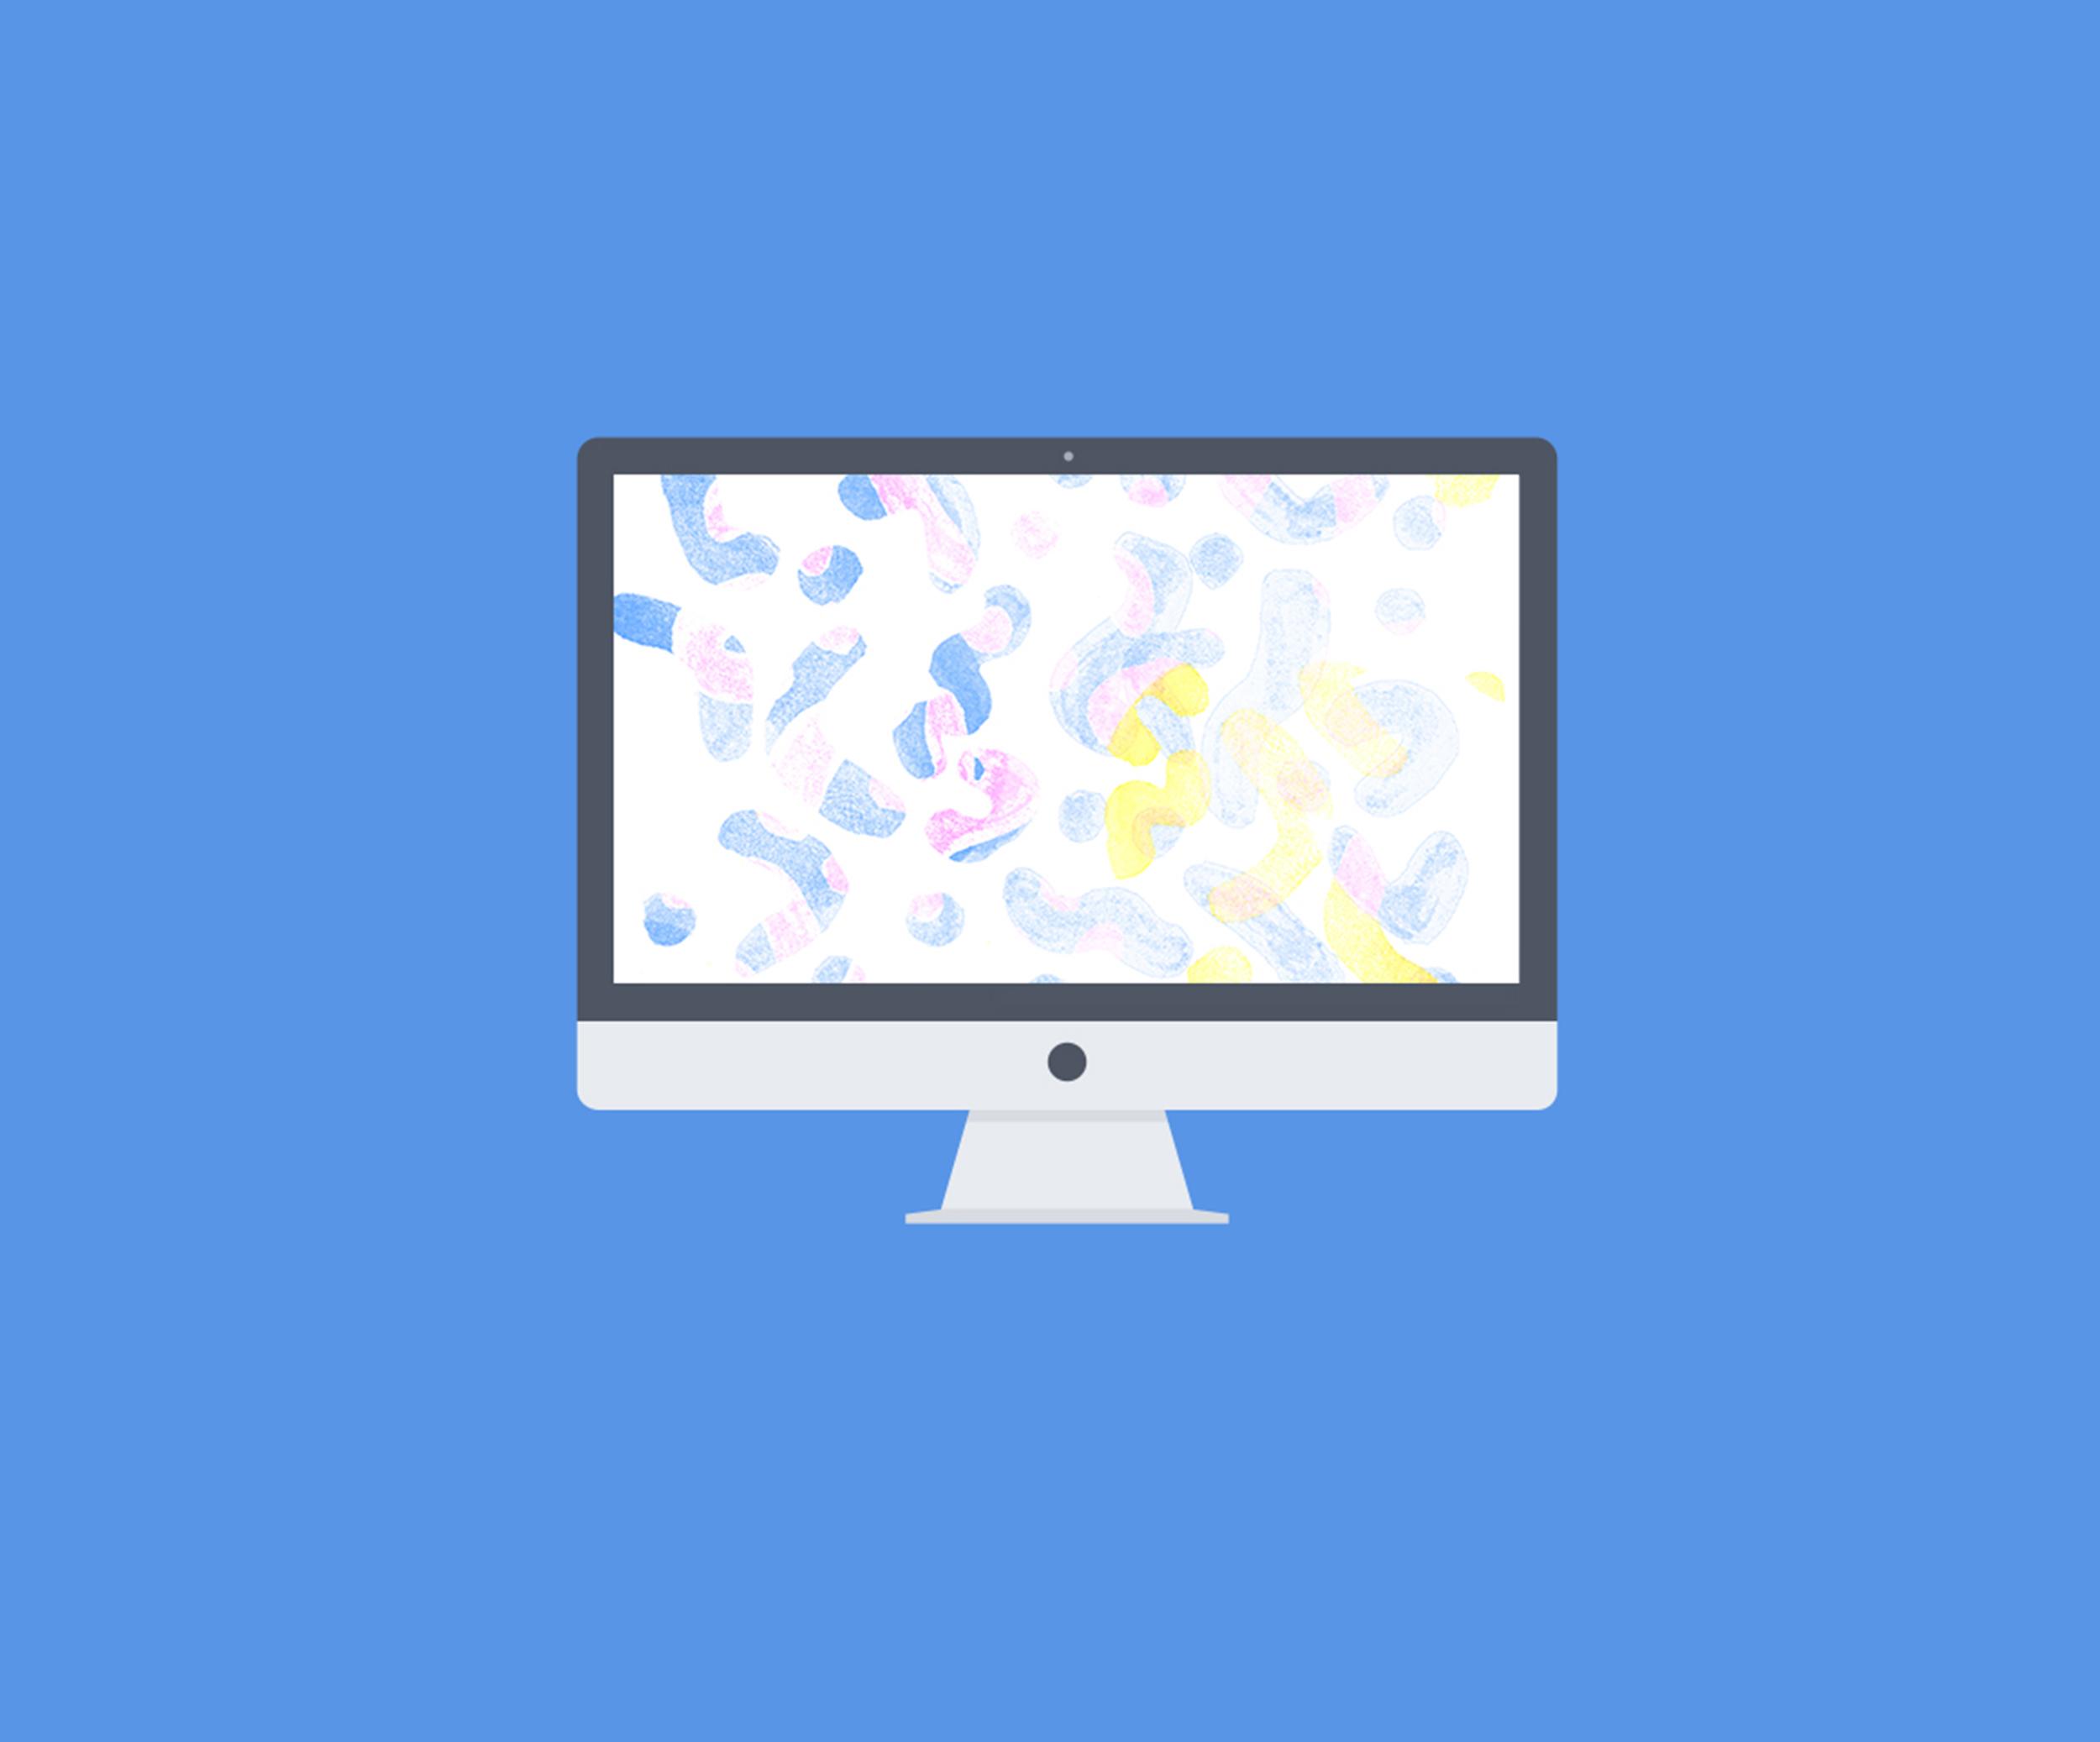 mac_800_02.jpg